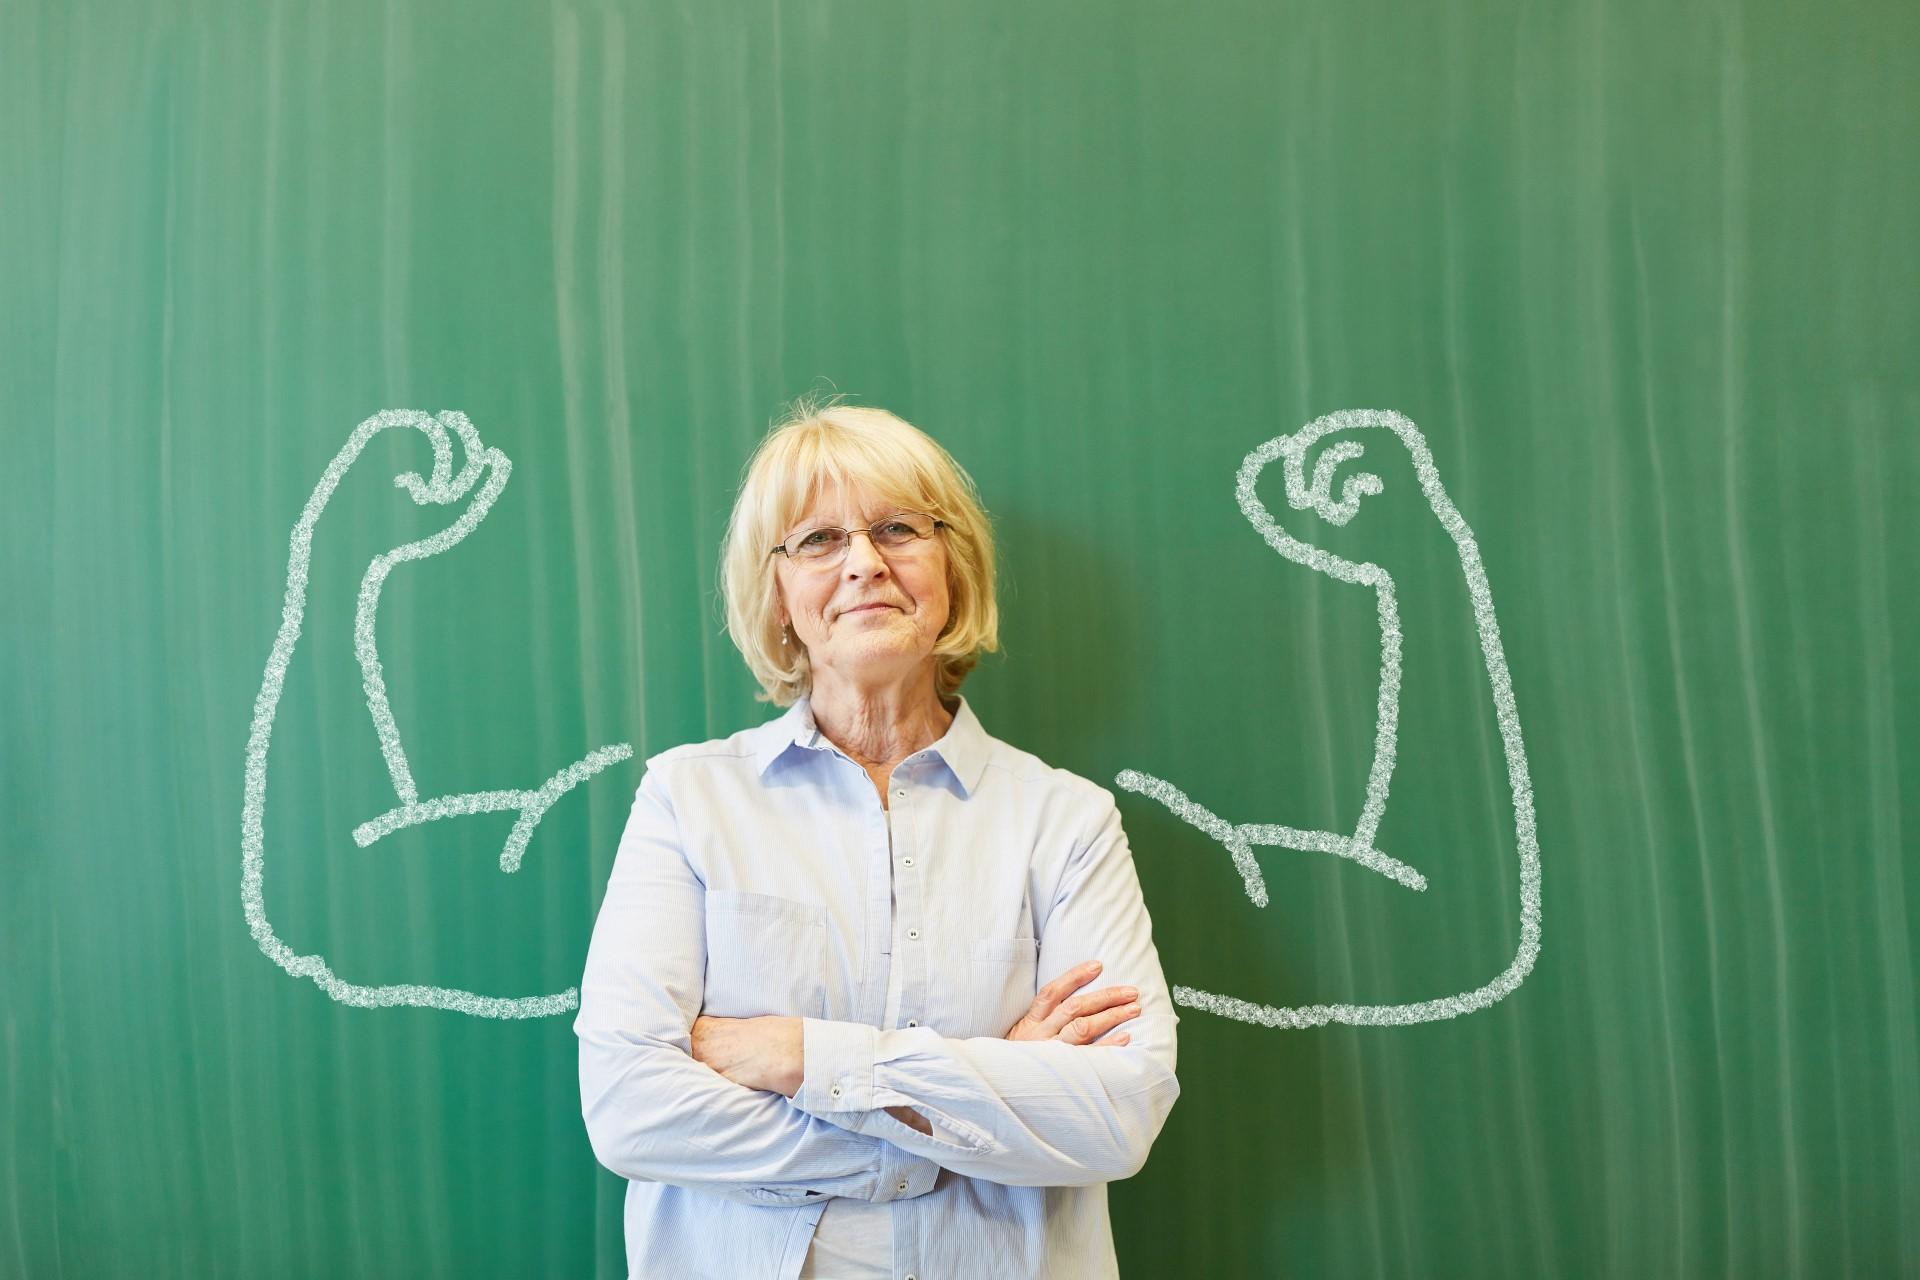 Eine Frau steht vor einer Tafel. Rechts und links von ihr wurde ein starker Arm auf die Tafel gemalt. Dies steht für Resilienz.